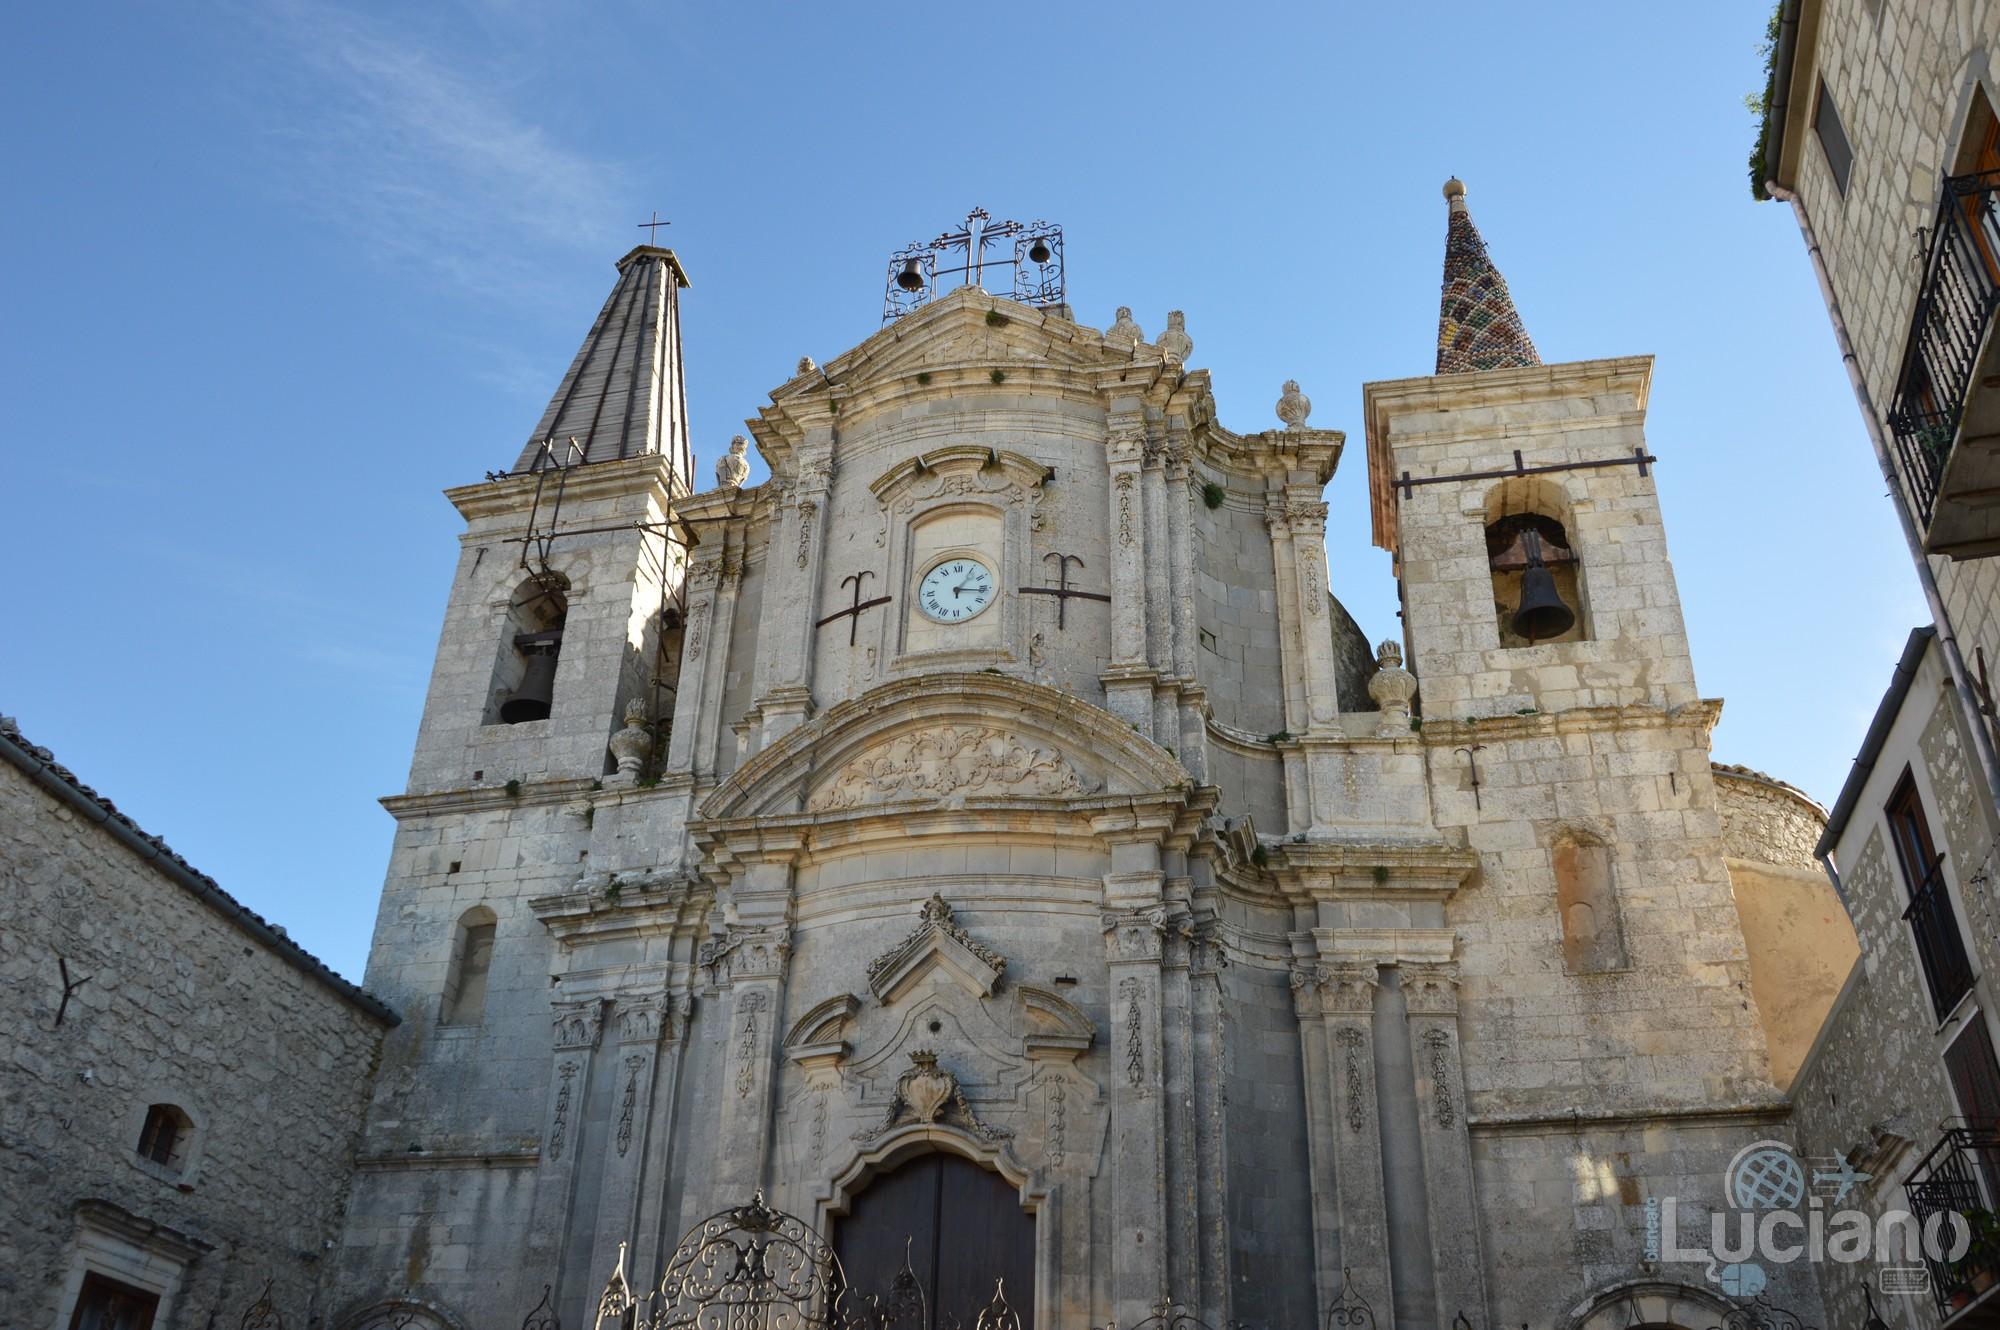 Chiesa di Santa Maria di Loreto a Petralia Soprana - Palermo -  I Borghi più belli d'Italia - Borgo più bello d'Italia 2018